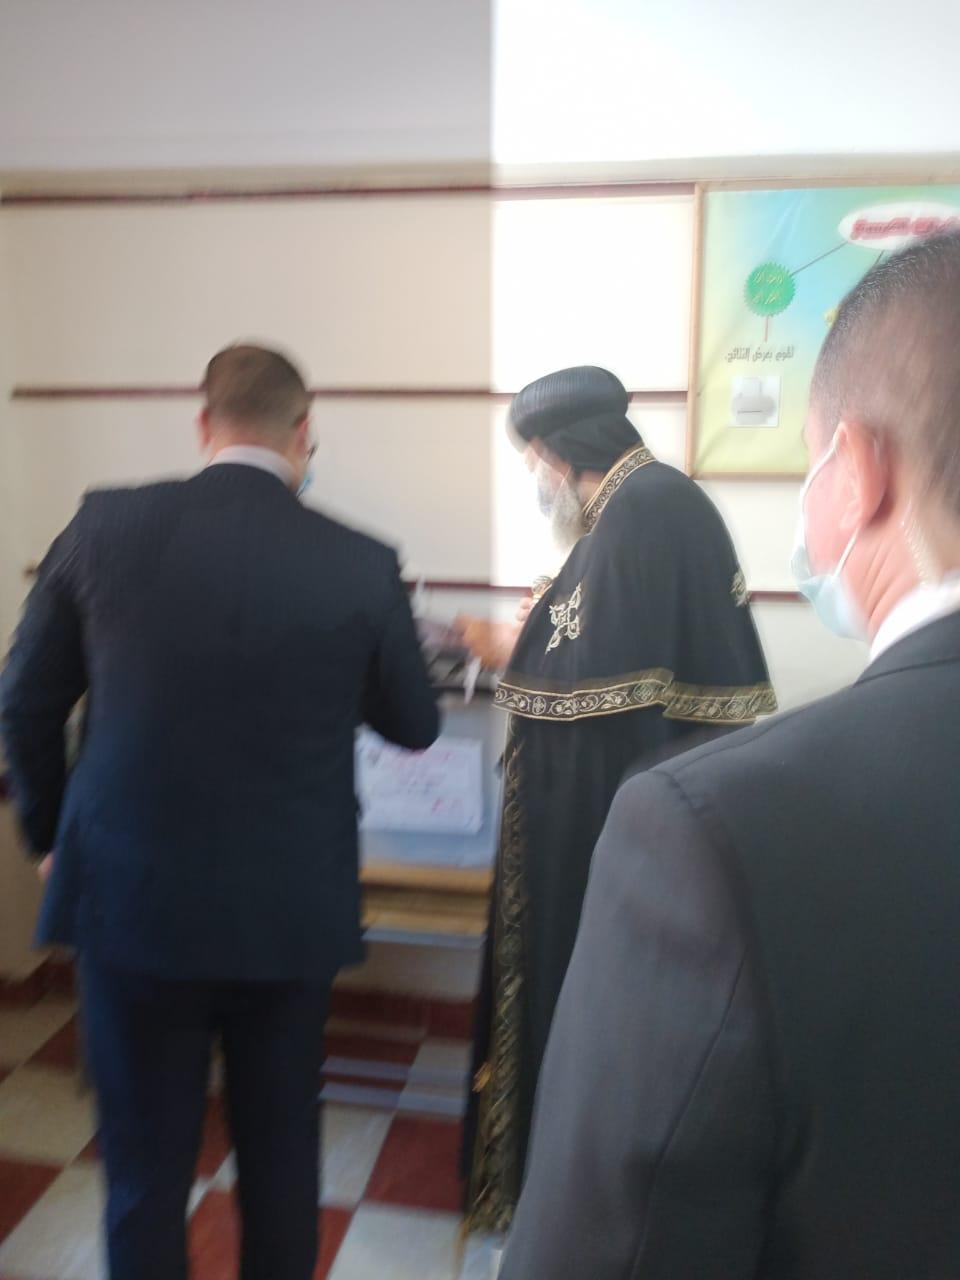 البابا تواضروس الثانى يدلى بصوته فى انتخابات مجلس الشيوخ بالوايلى (4)